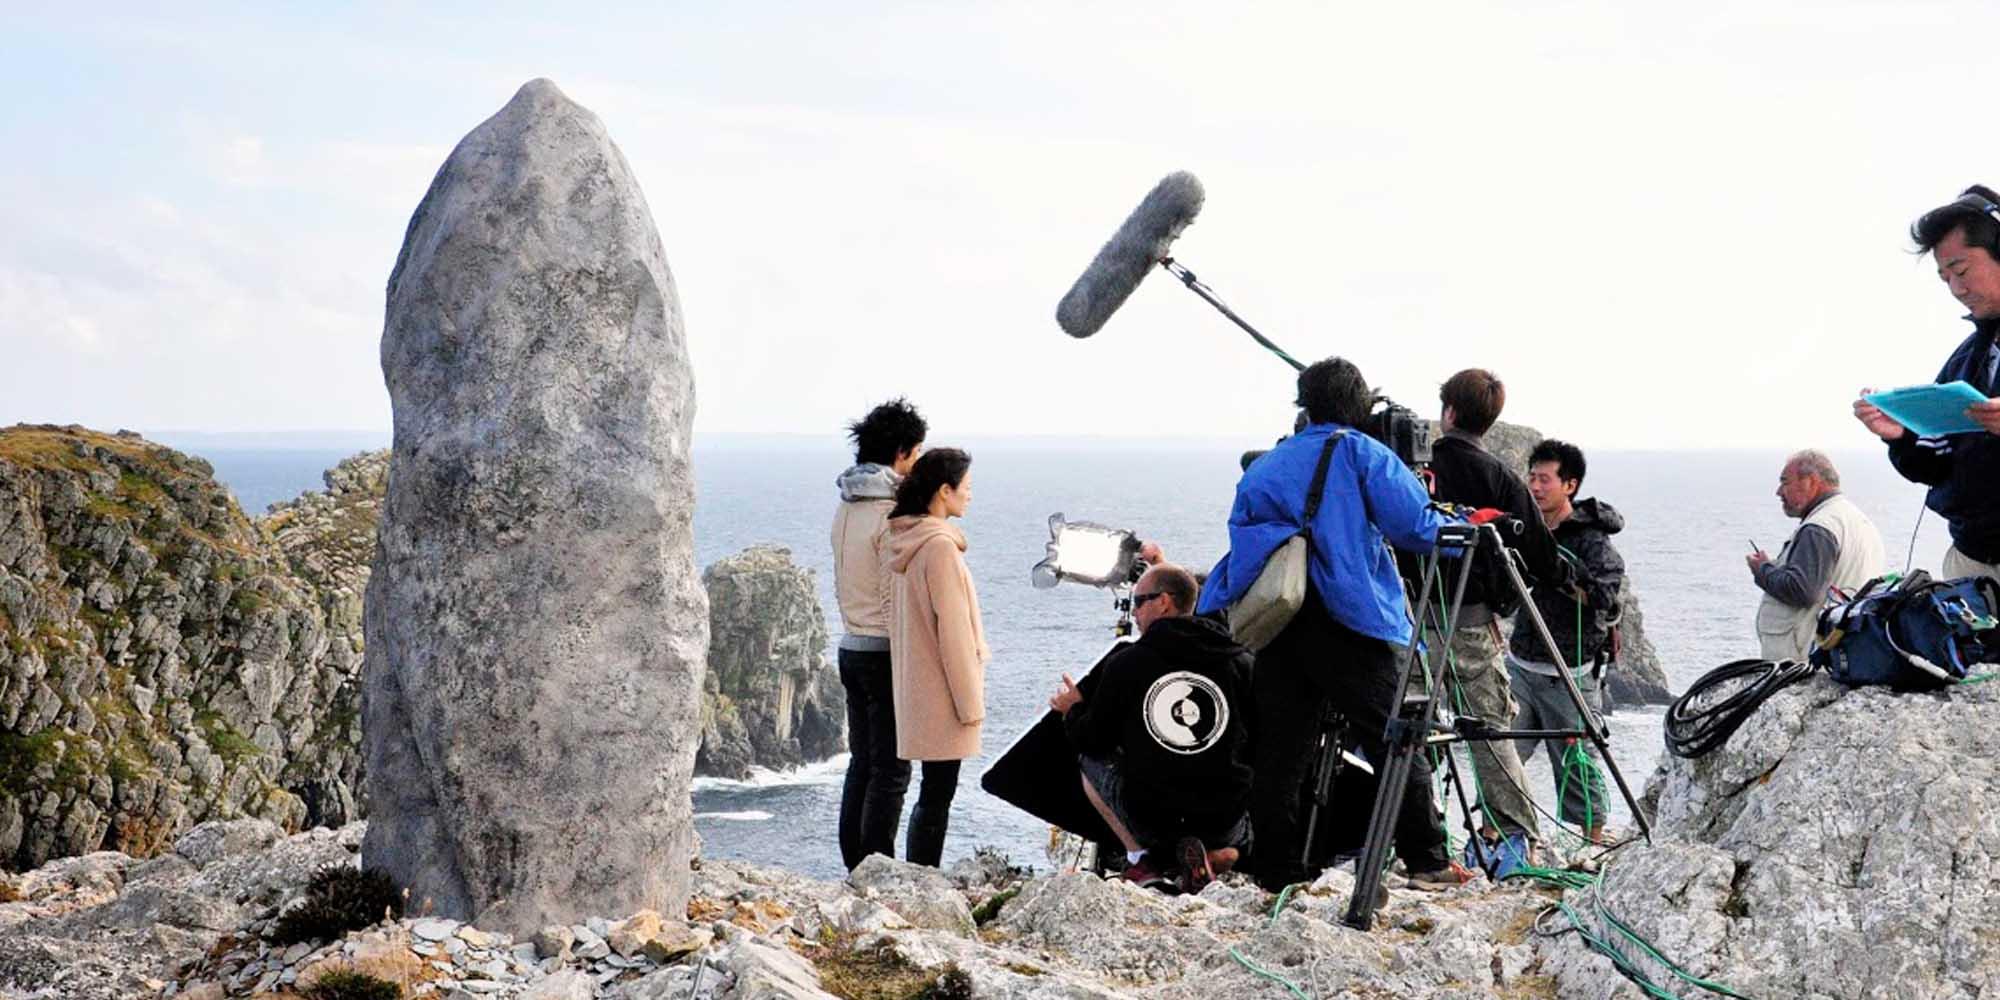 décor de menhir pour tournage de film site naturel Bretagne